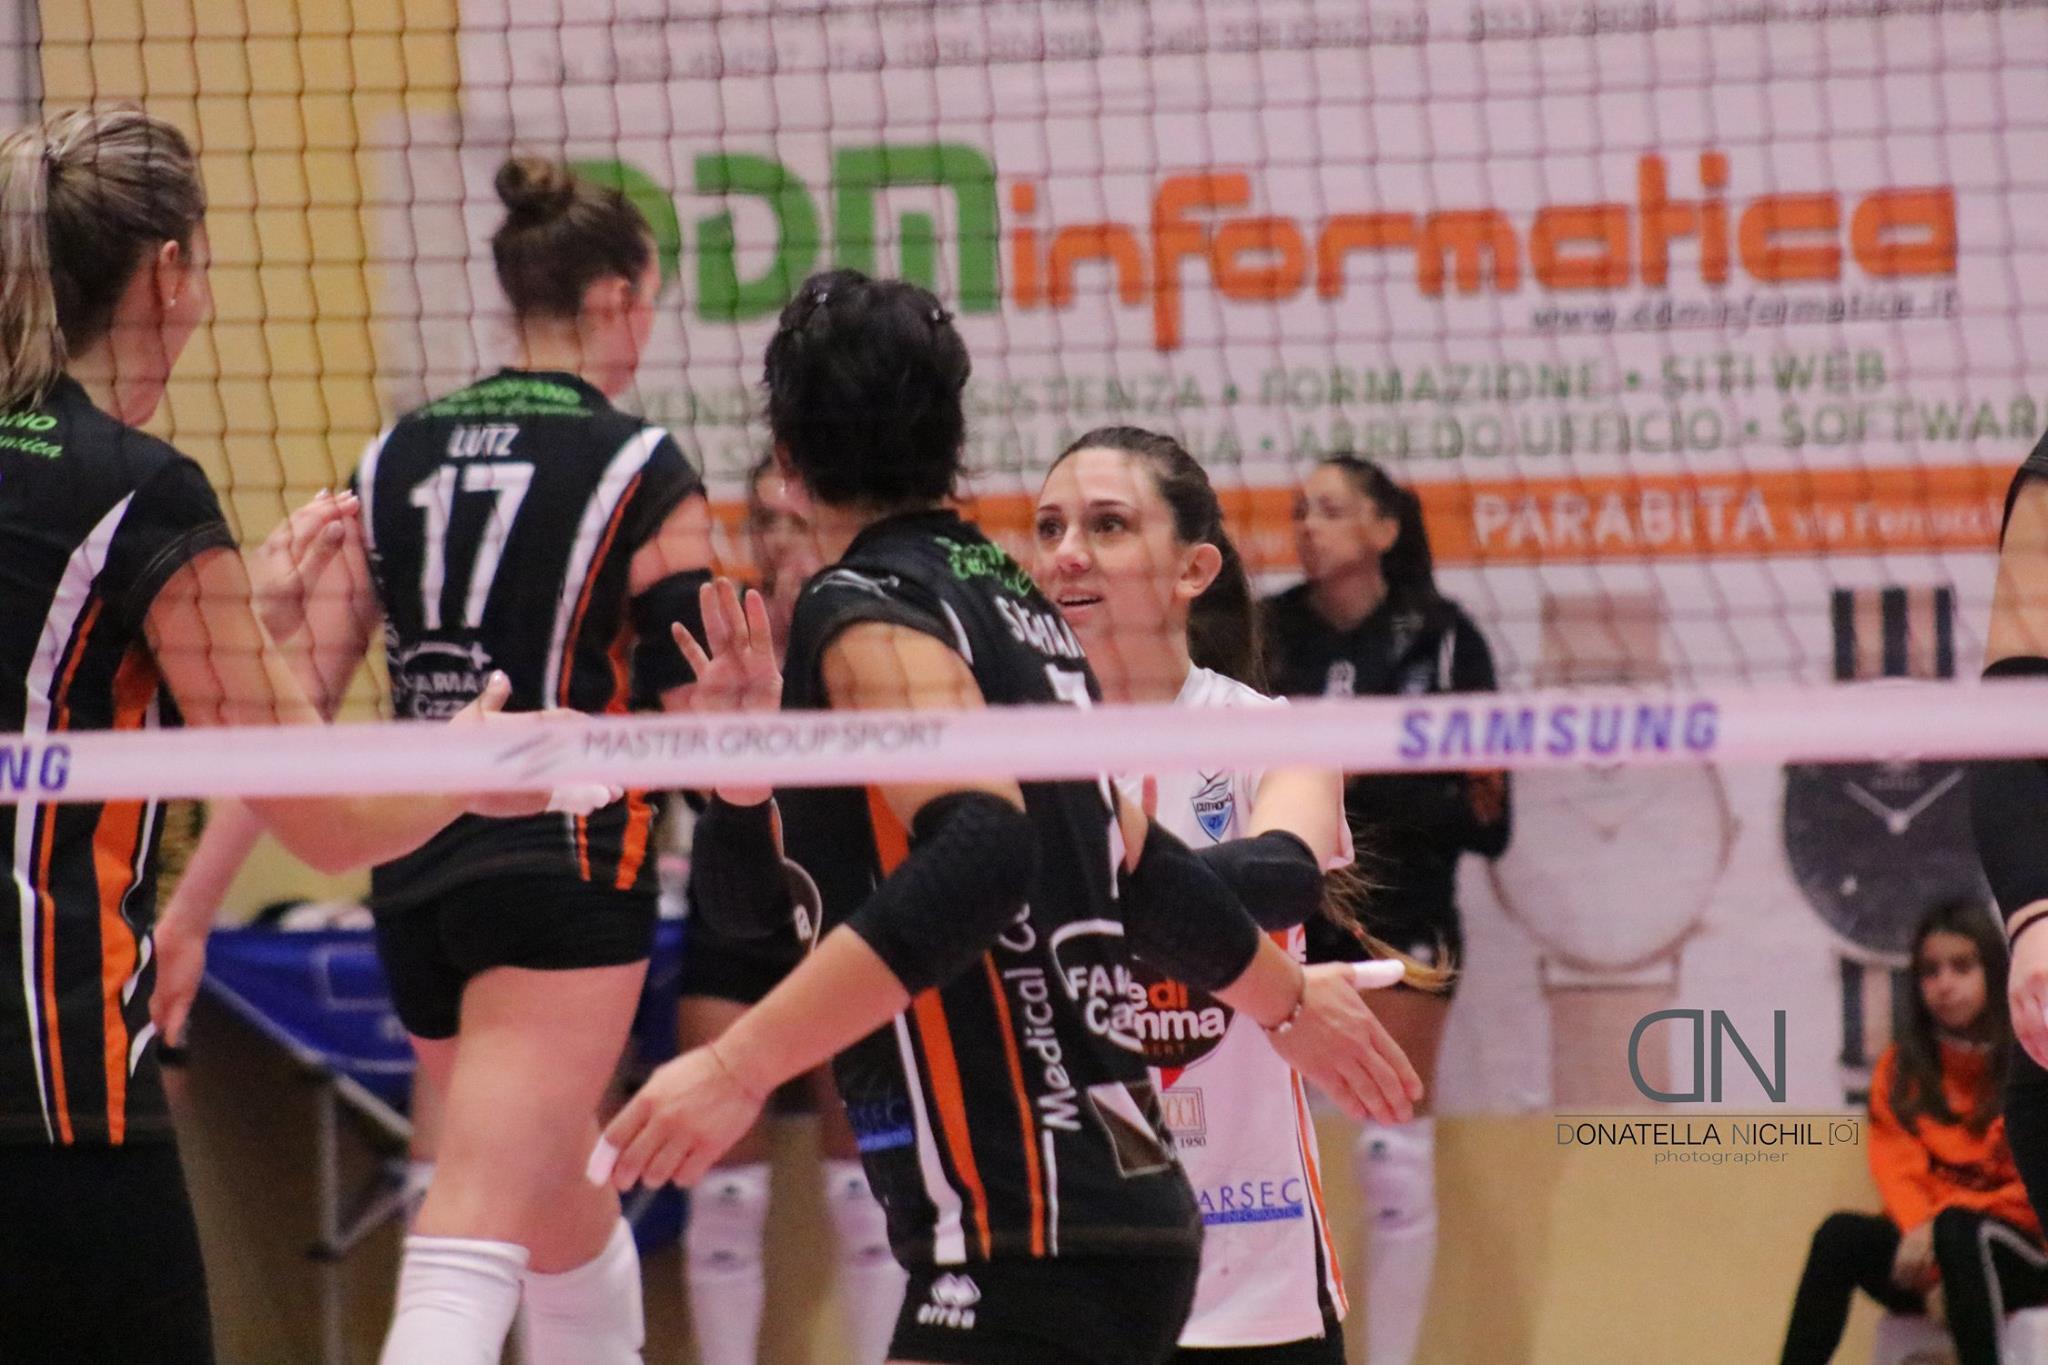 Serie A2: 30 Dicembre ore 16.00 – CUORE DI MAMMA vs Trento – La Nostra Giornata Pro Squadra